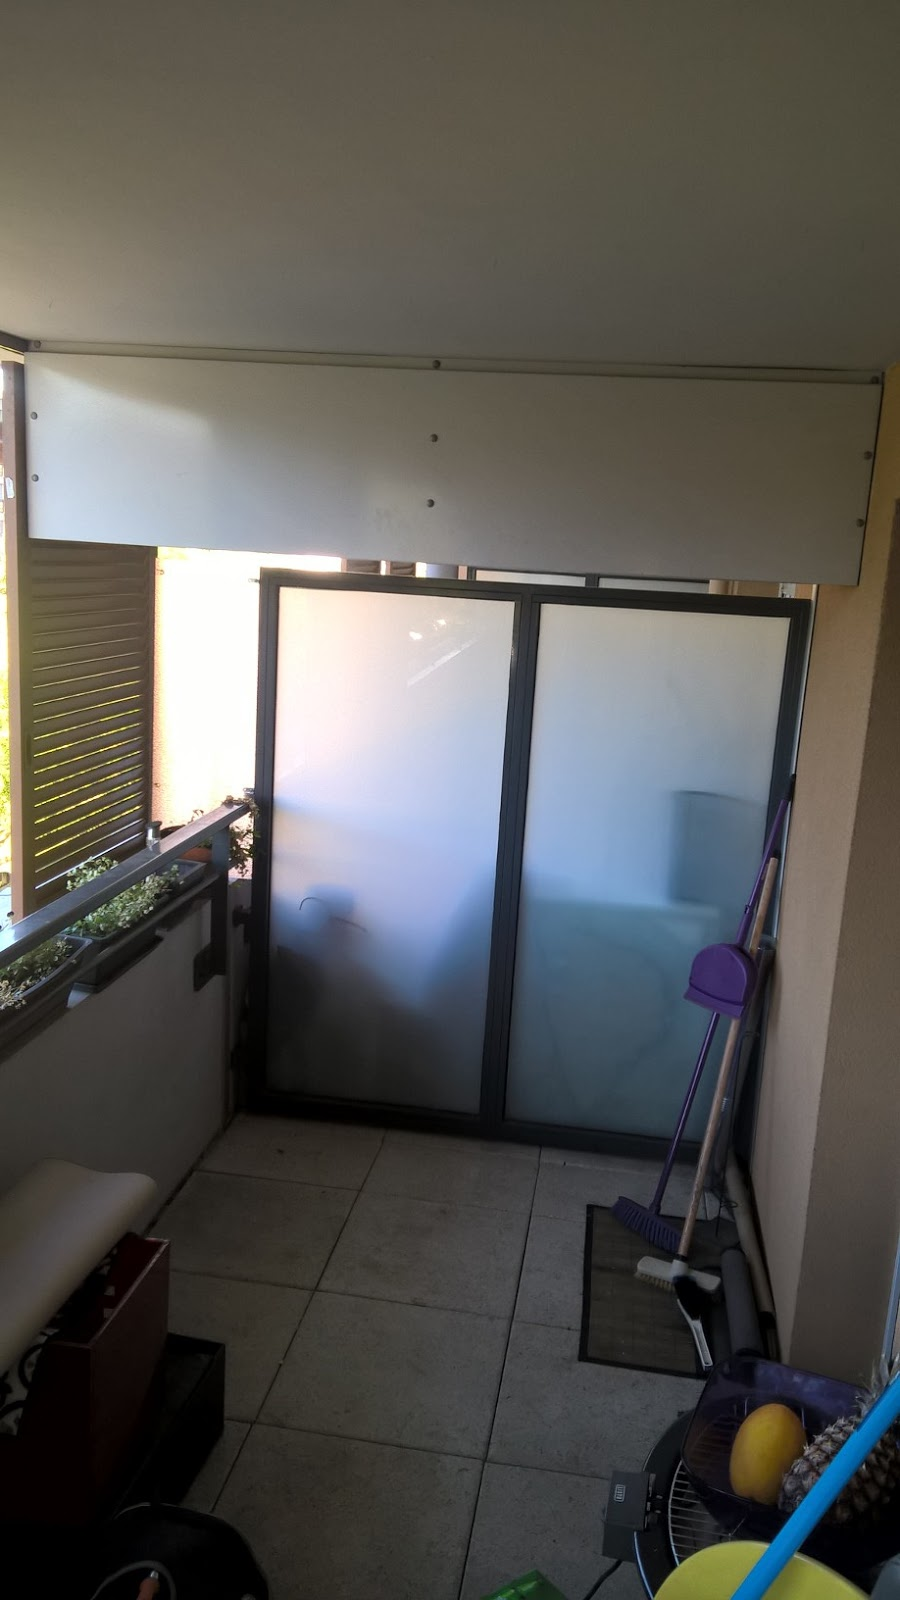 b t s management balcon livraison montage armoire de rangement et fixation tringle a rideaux. Black Bedroom Furniture Sets. Home Design Ideas